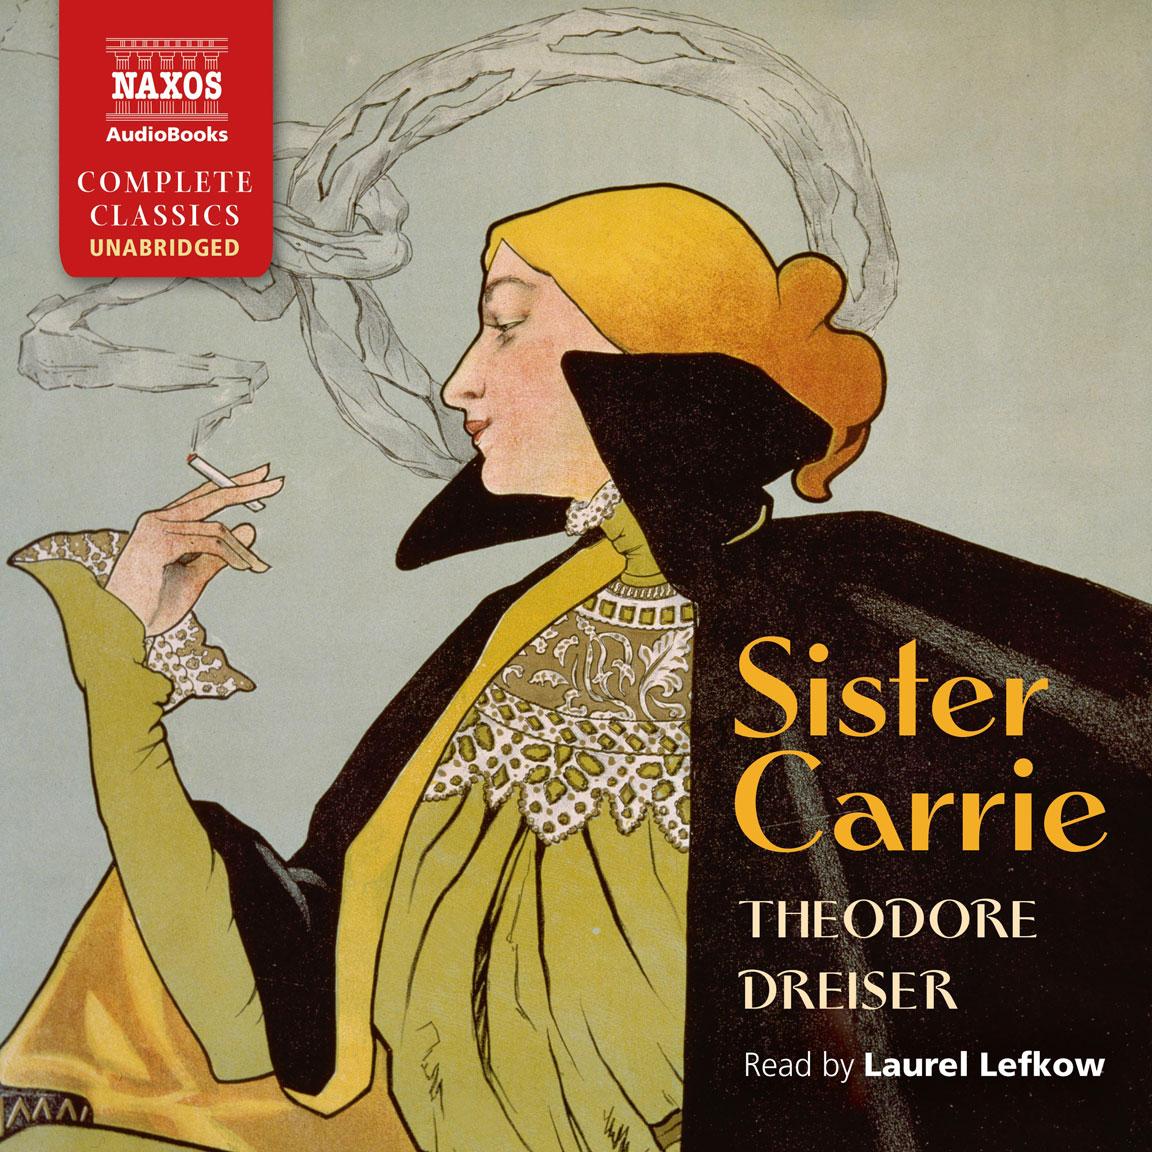 Sister Carrie (unabridged)